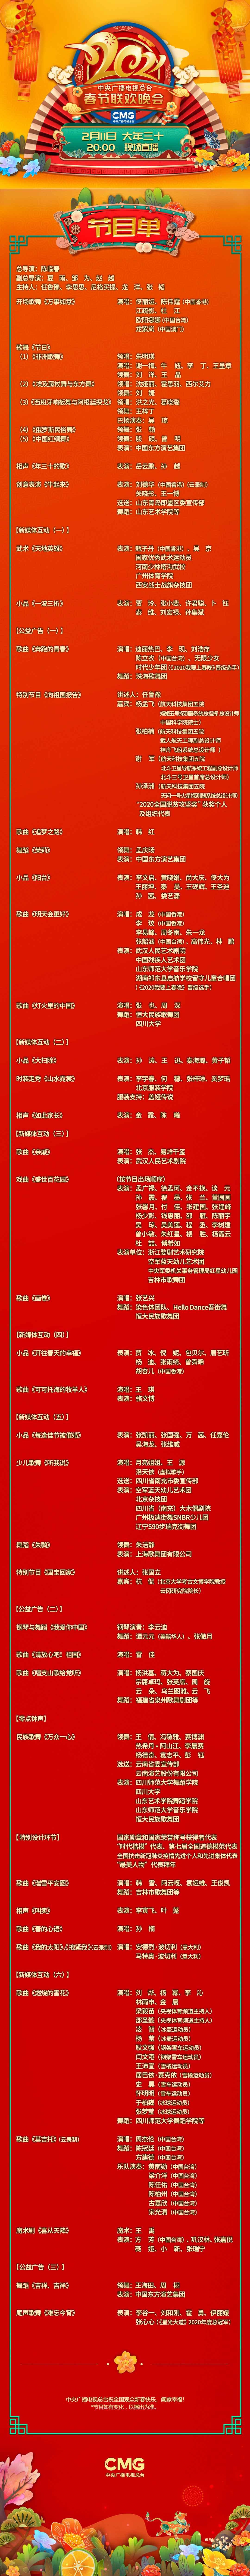 【2021春晚·节目单】(1007)倍加亲网《历来最好的节目就在这边》by Julia